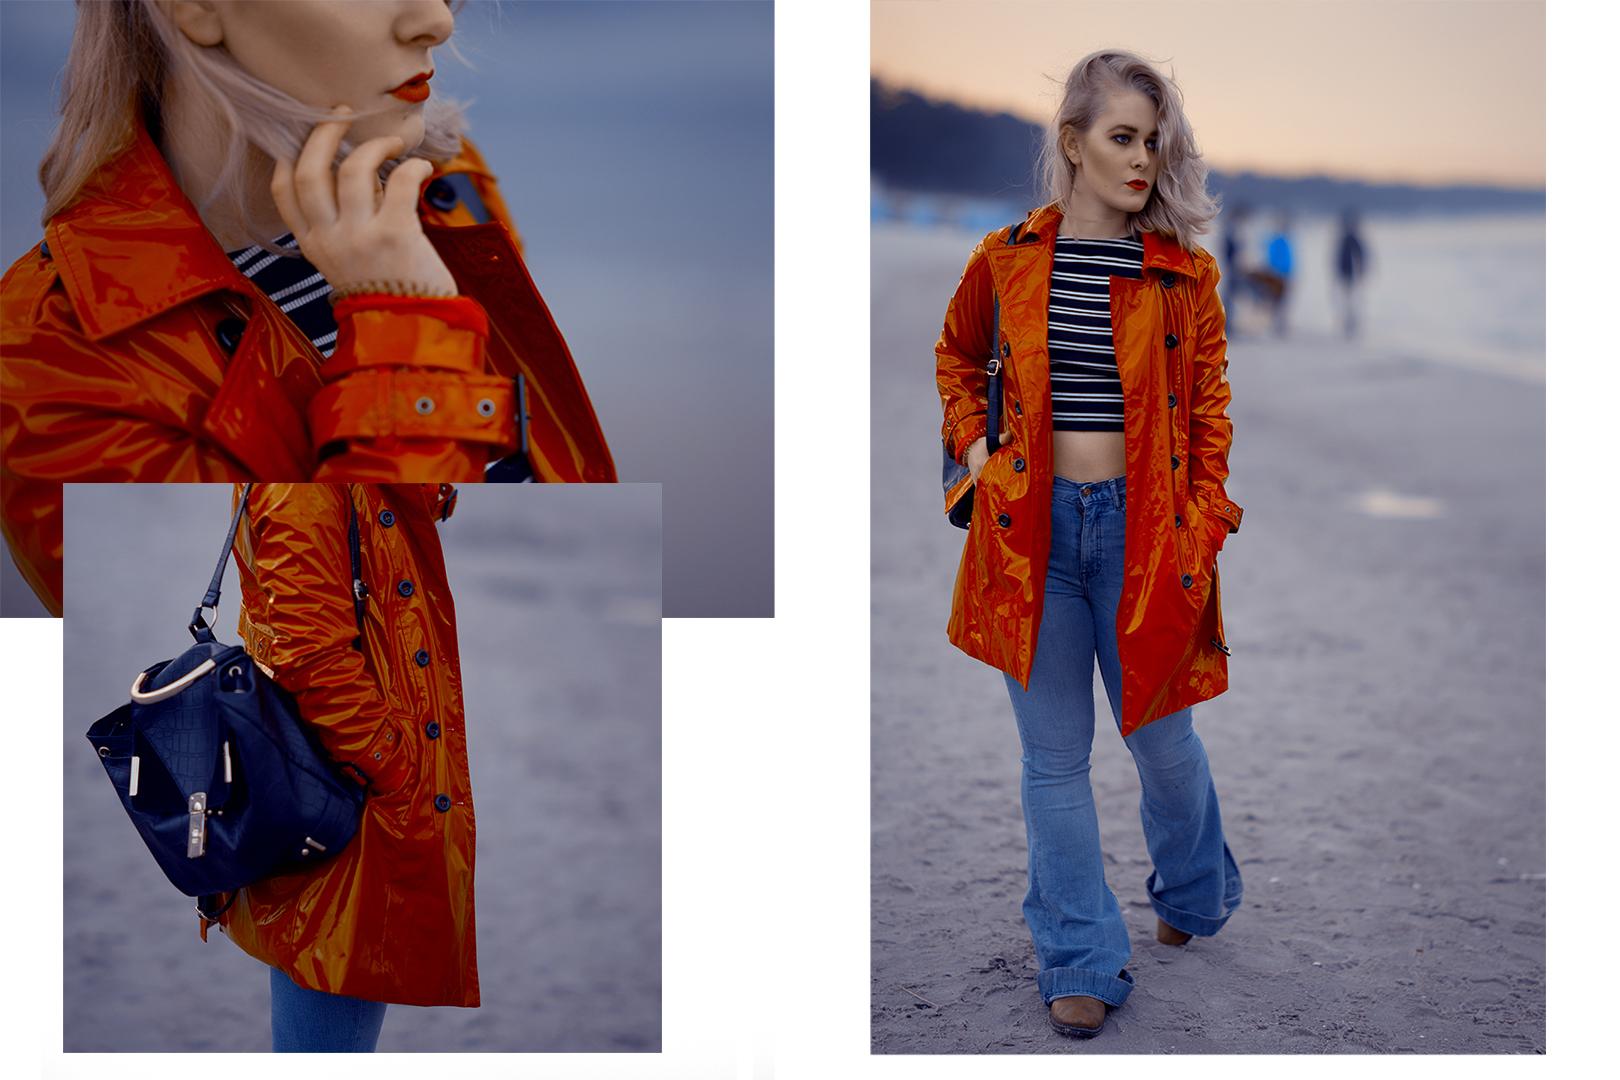 Blaue Jeans, schwarzer Rucksack und roter Lackmantel an der Ostsee